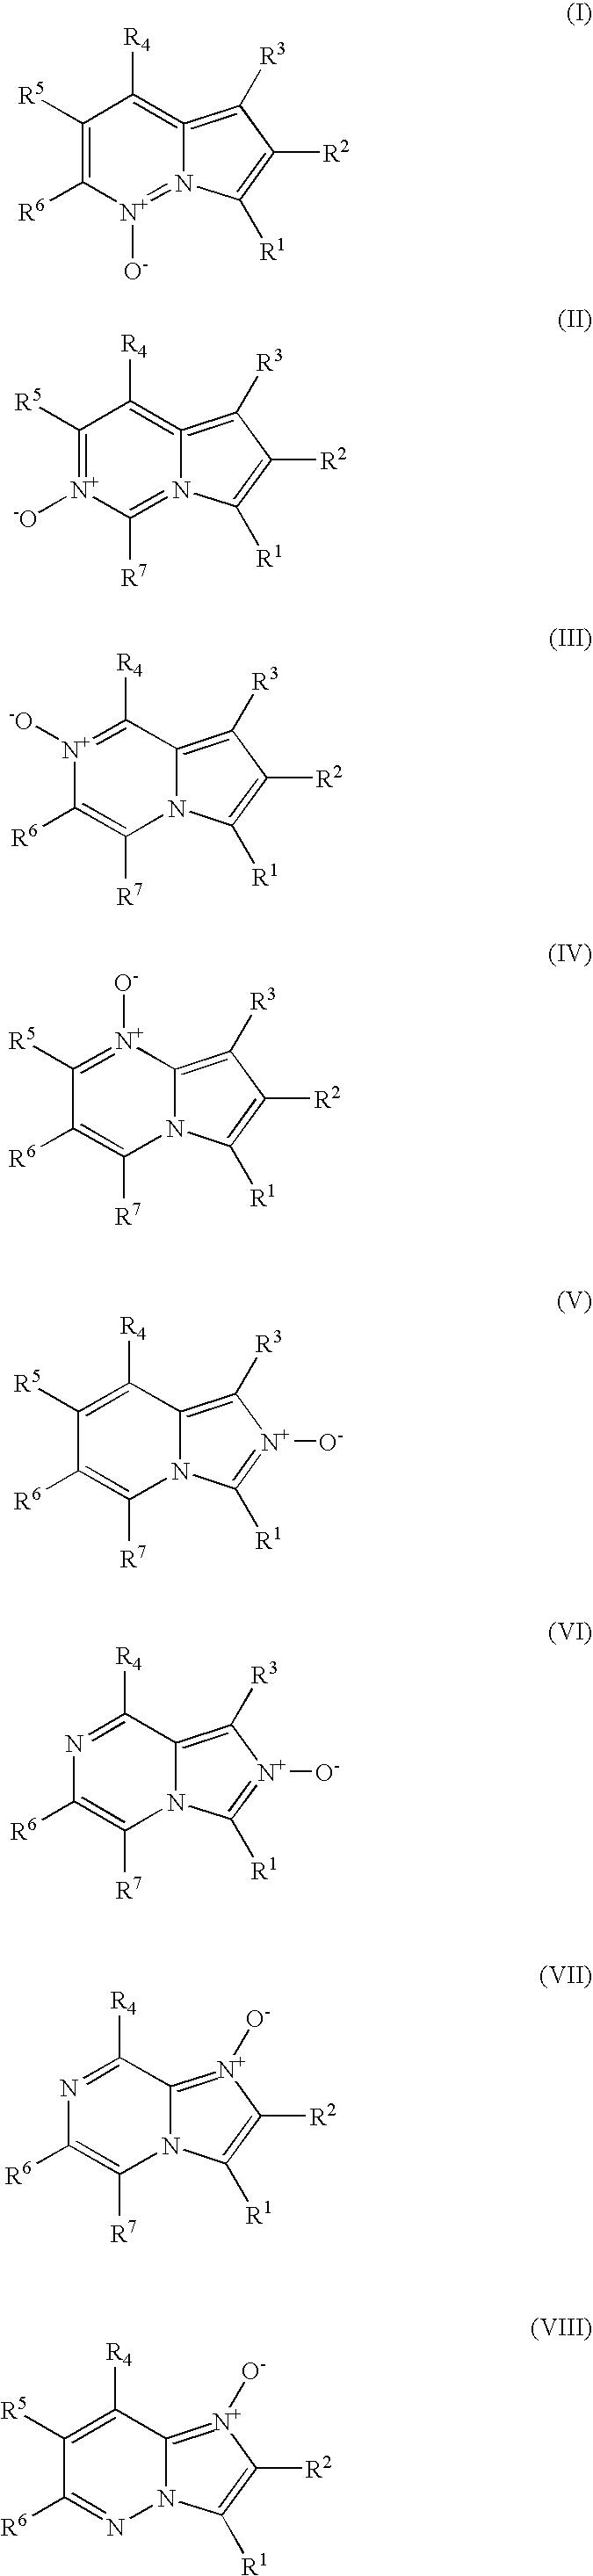 Figure US07288123-20071030-C00066